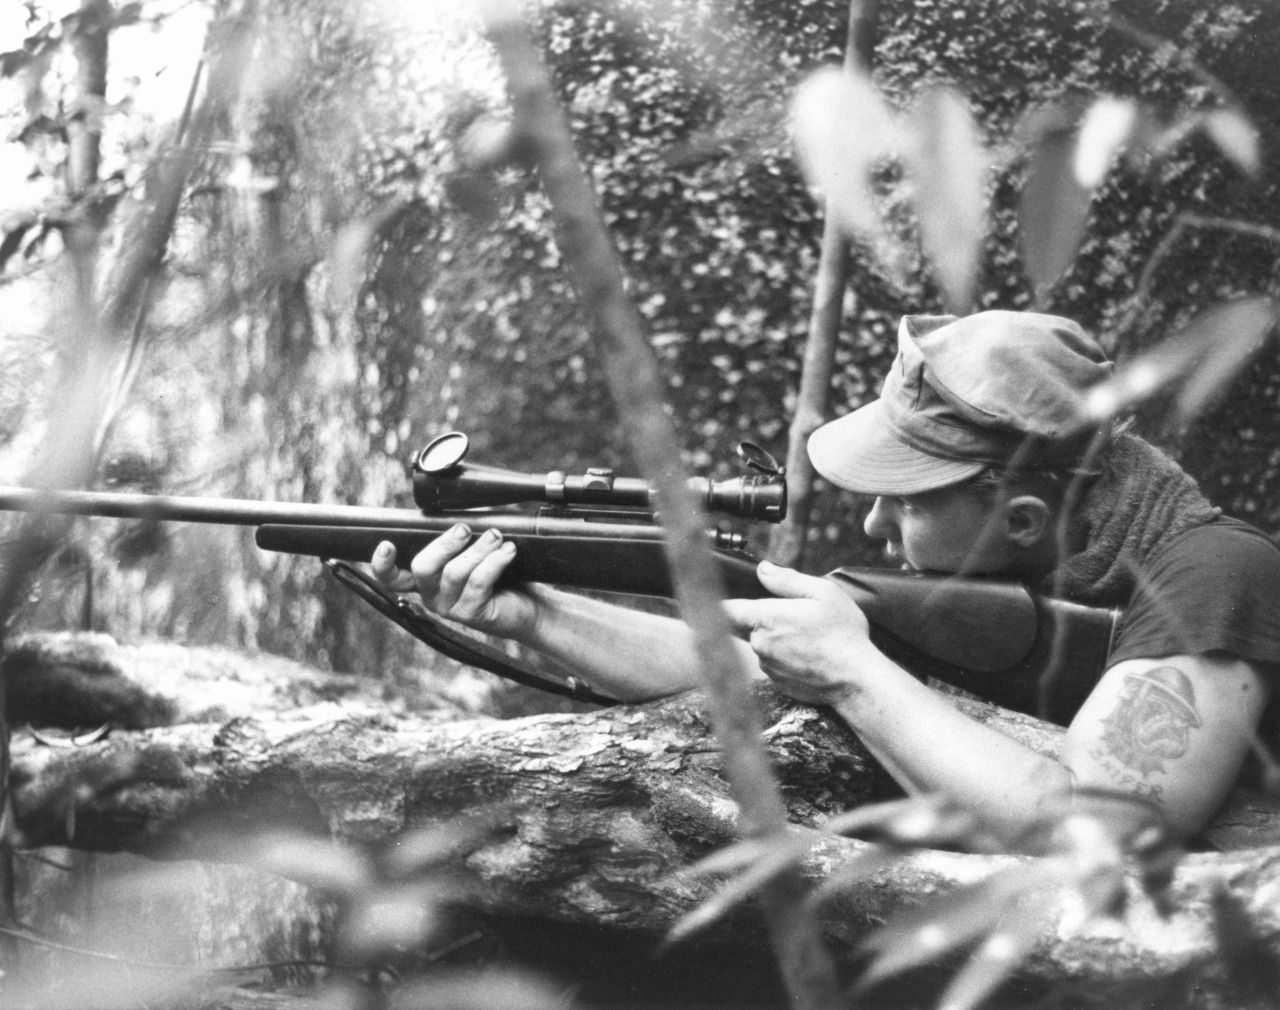 Фото польской снайперши вот сегодня